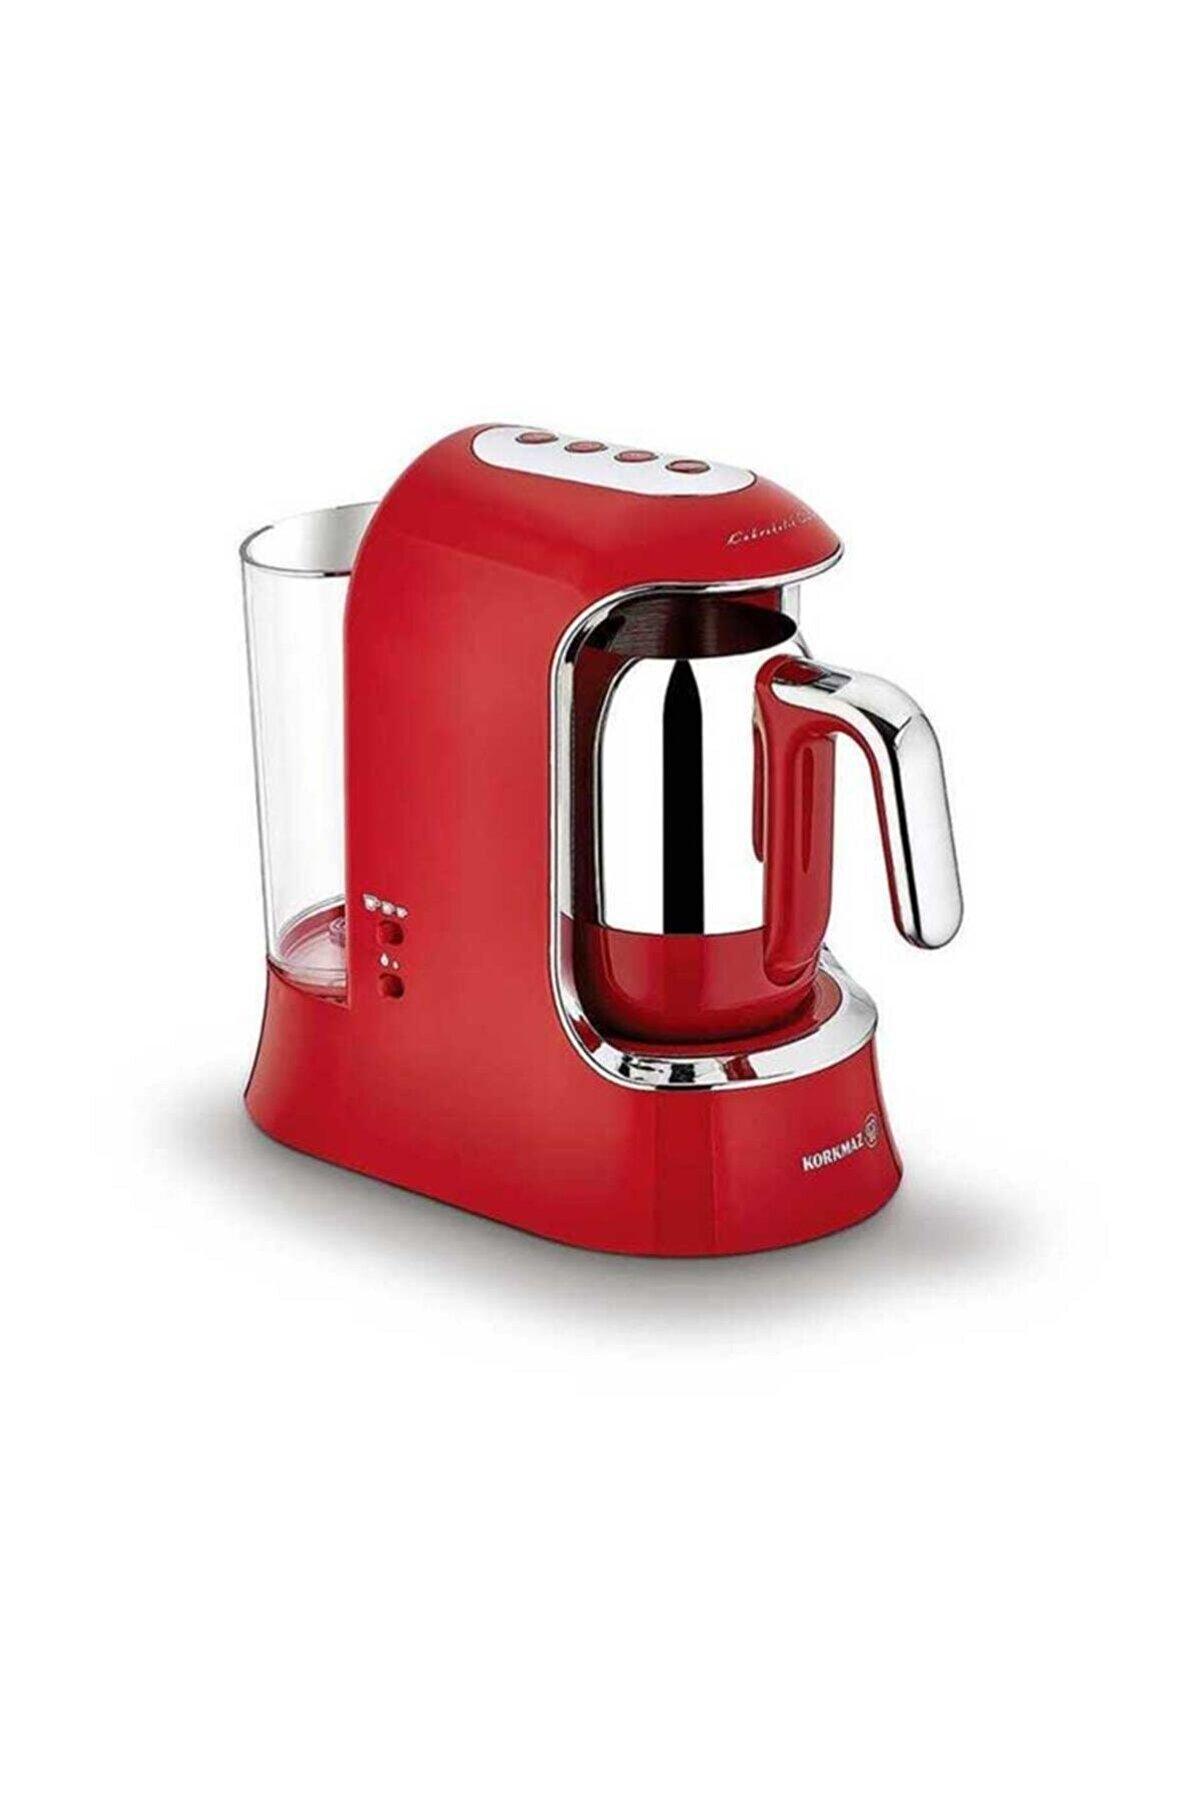 KORKMAZ Kahvekolik Aqua Kırmızı/krom Kahve Makinesi A862